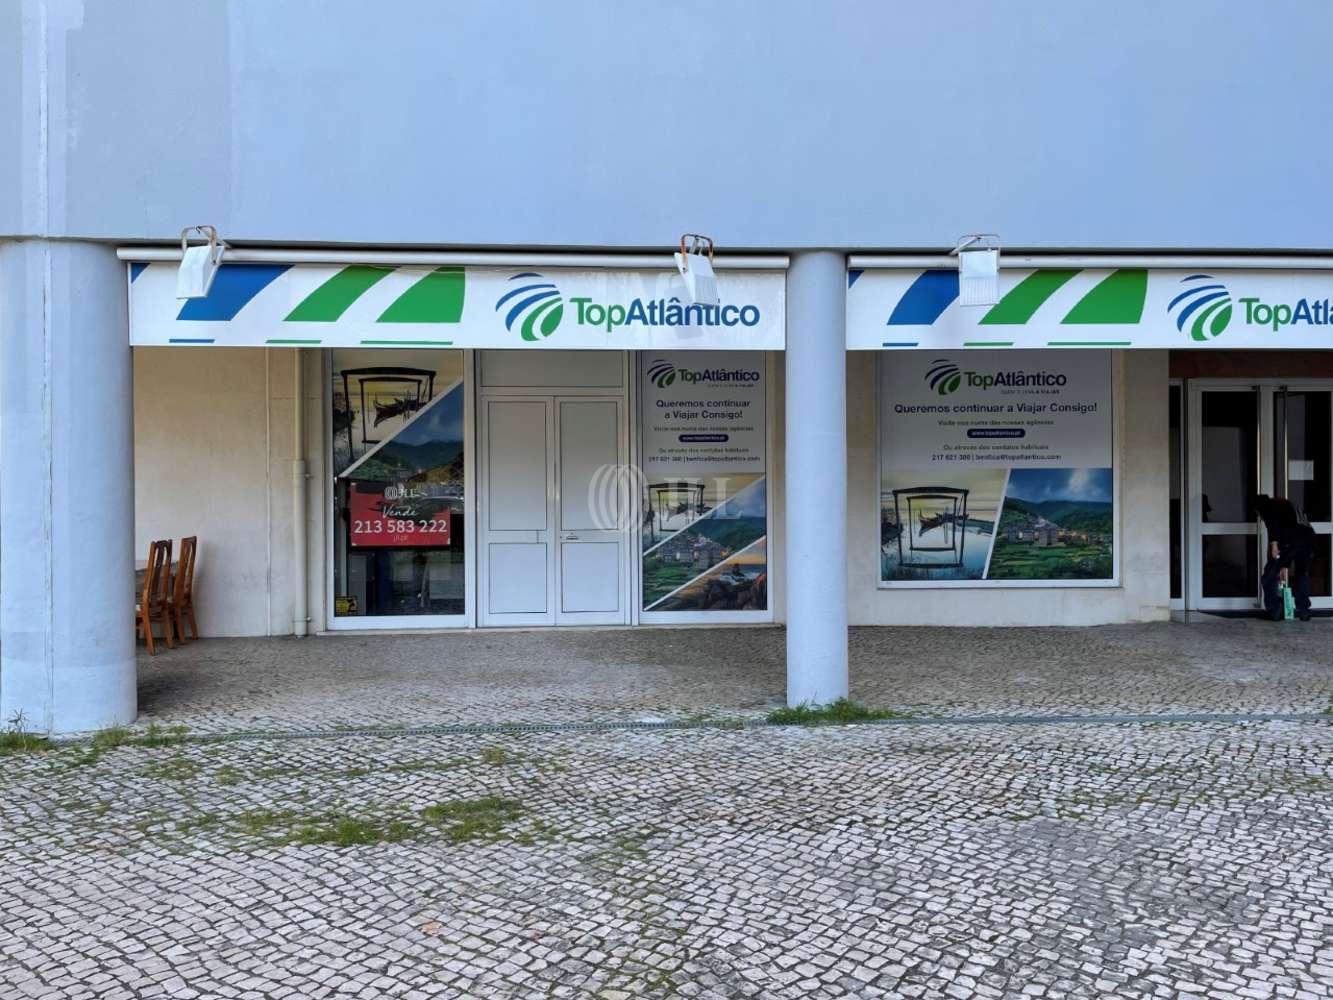 Loja Lisboa,  - Loja localizada na Alameda Padre Álvaro Proença, em Benfica